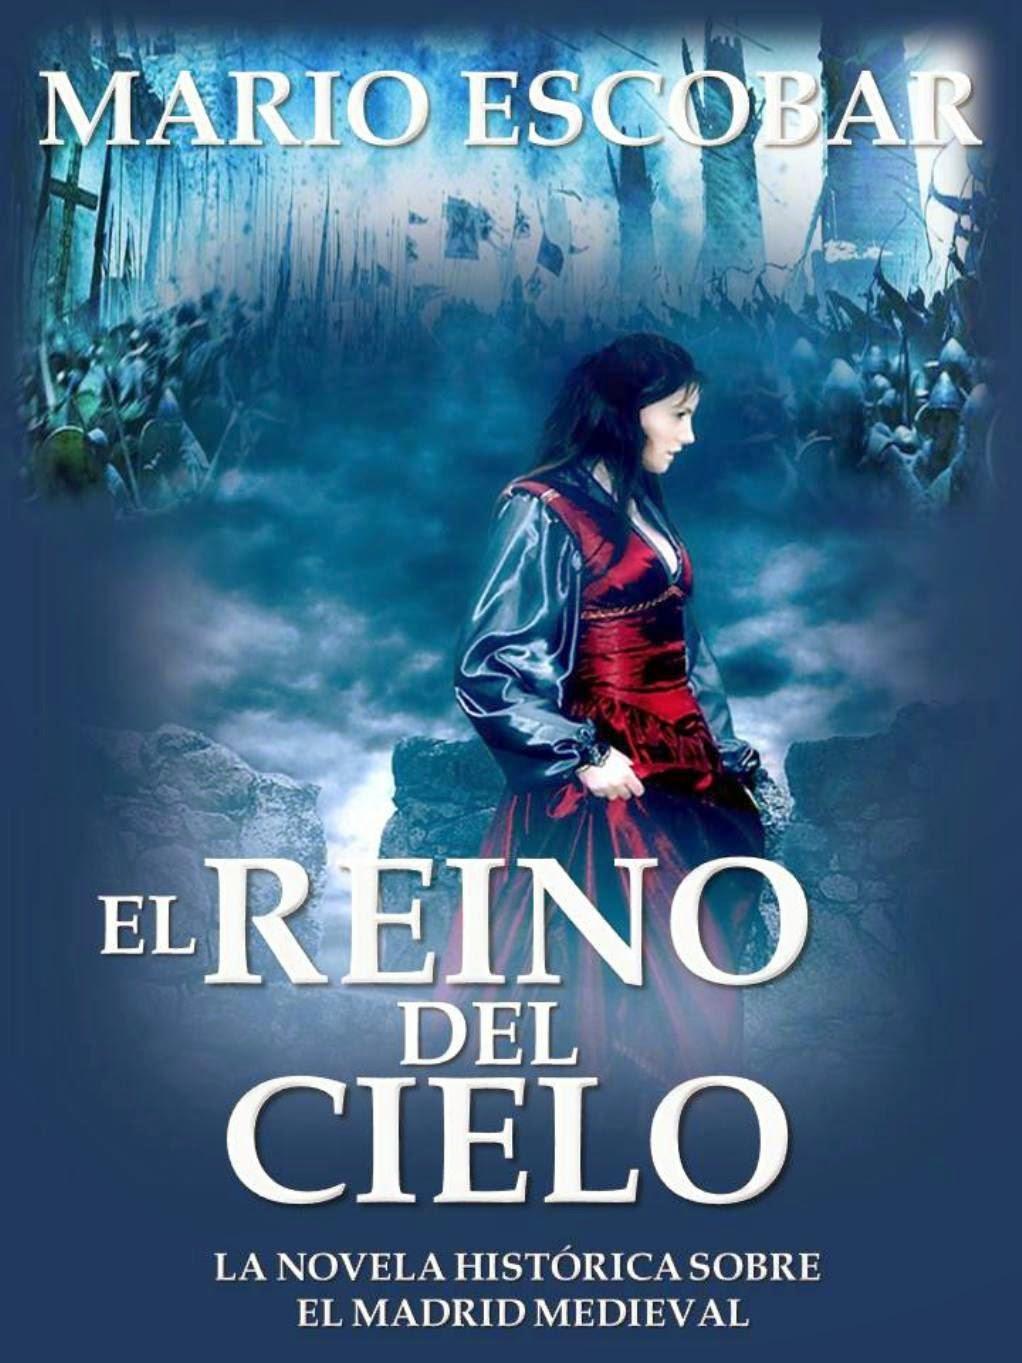 Me gustan los libros: El Reino del cielo, de Mario Escobar